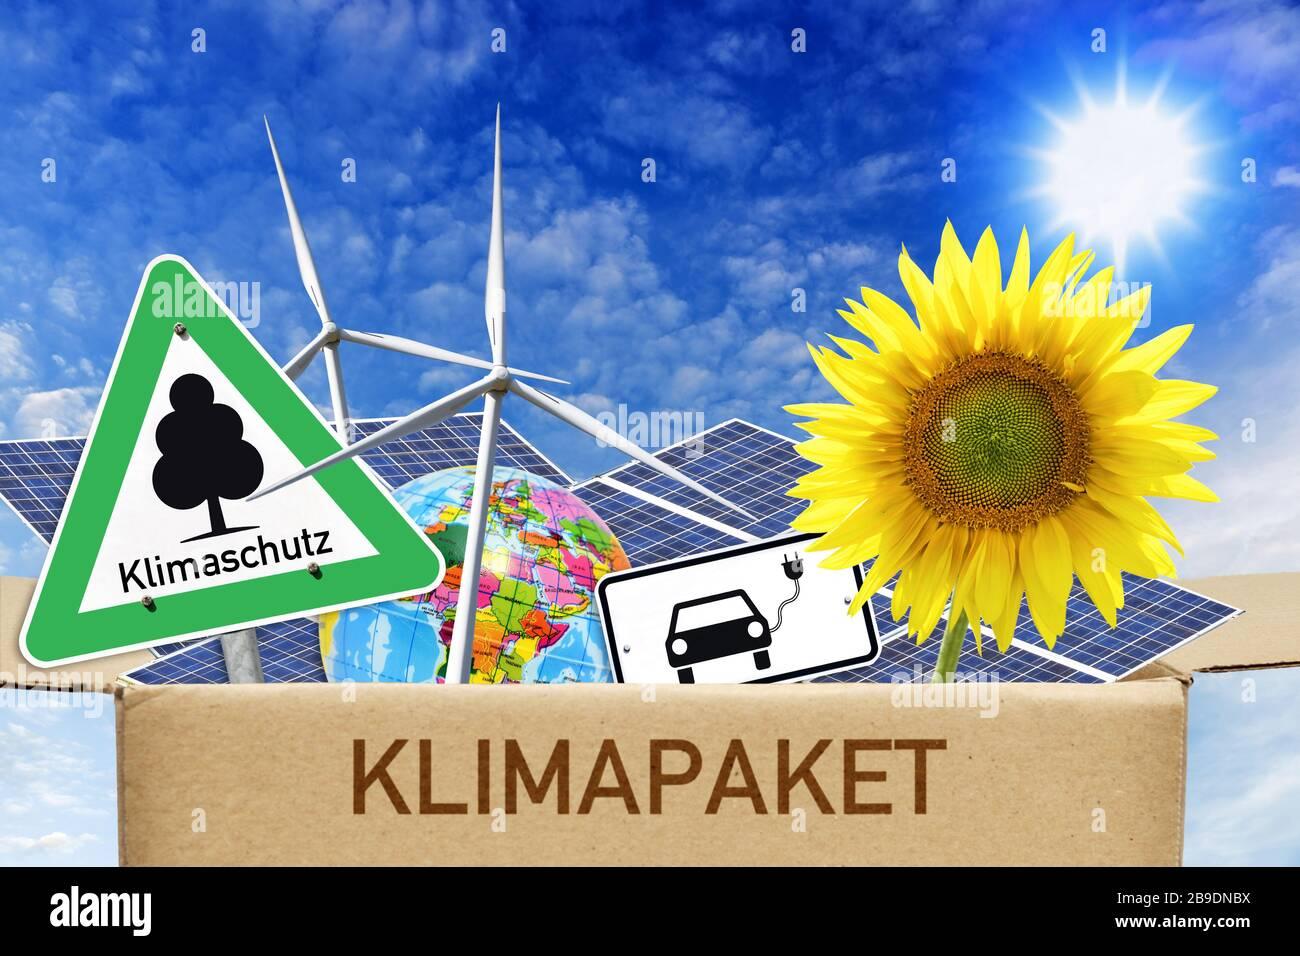 PHOTOMONTAGE, climate package, symbolic photo, FOTOMONTAGE, Klimapaket, Symbolfoto Stock Photo